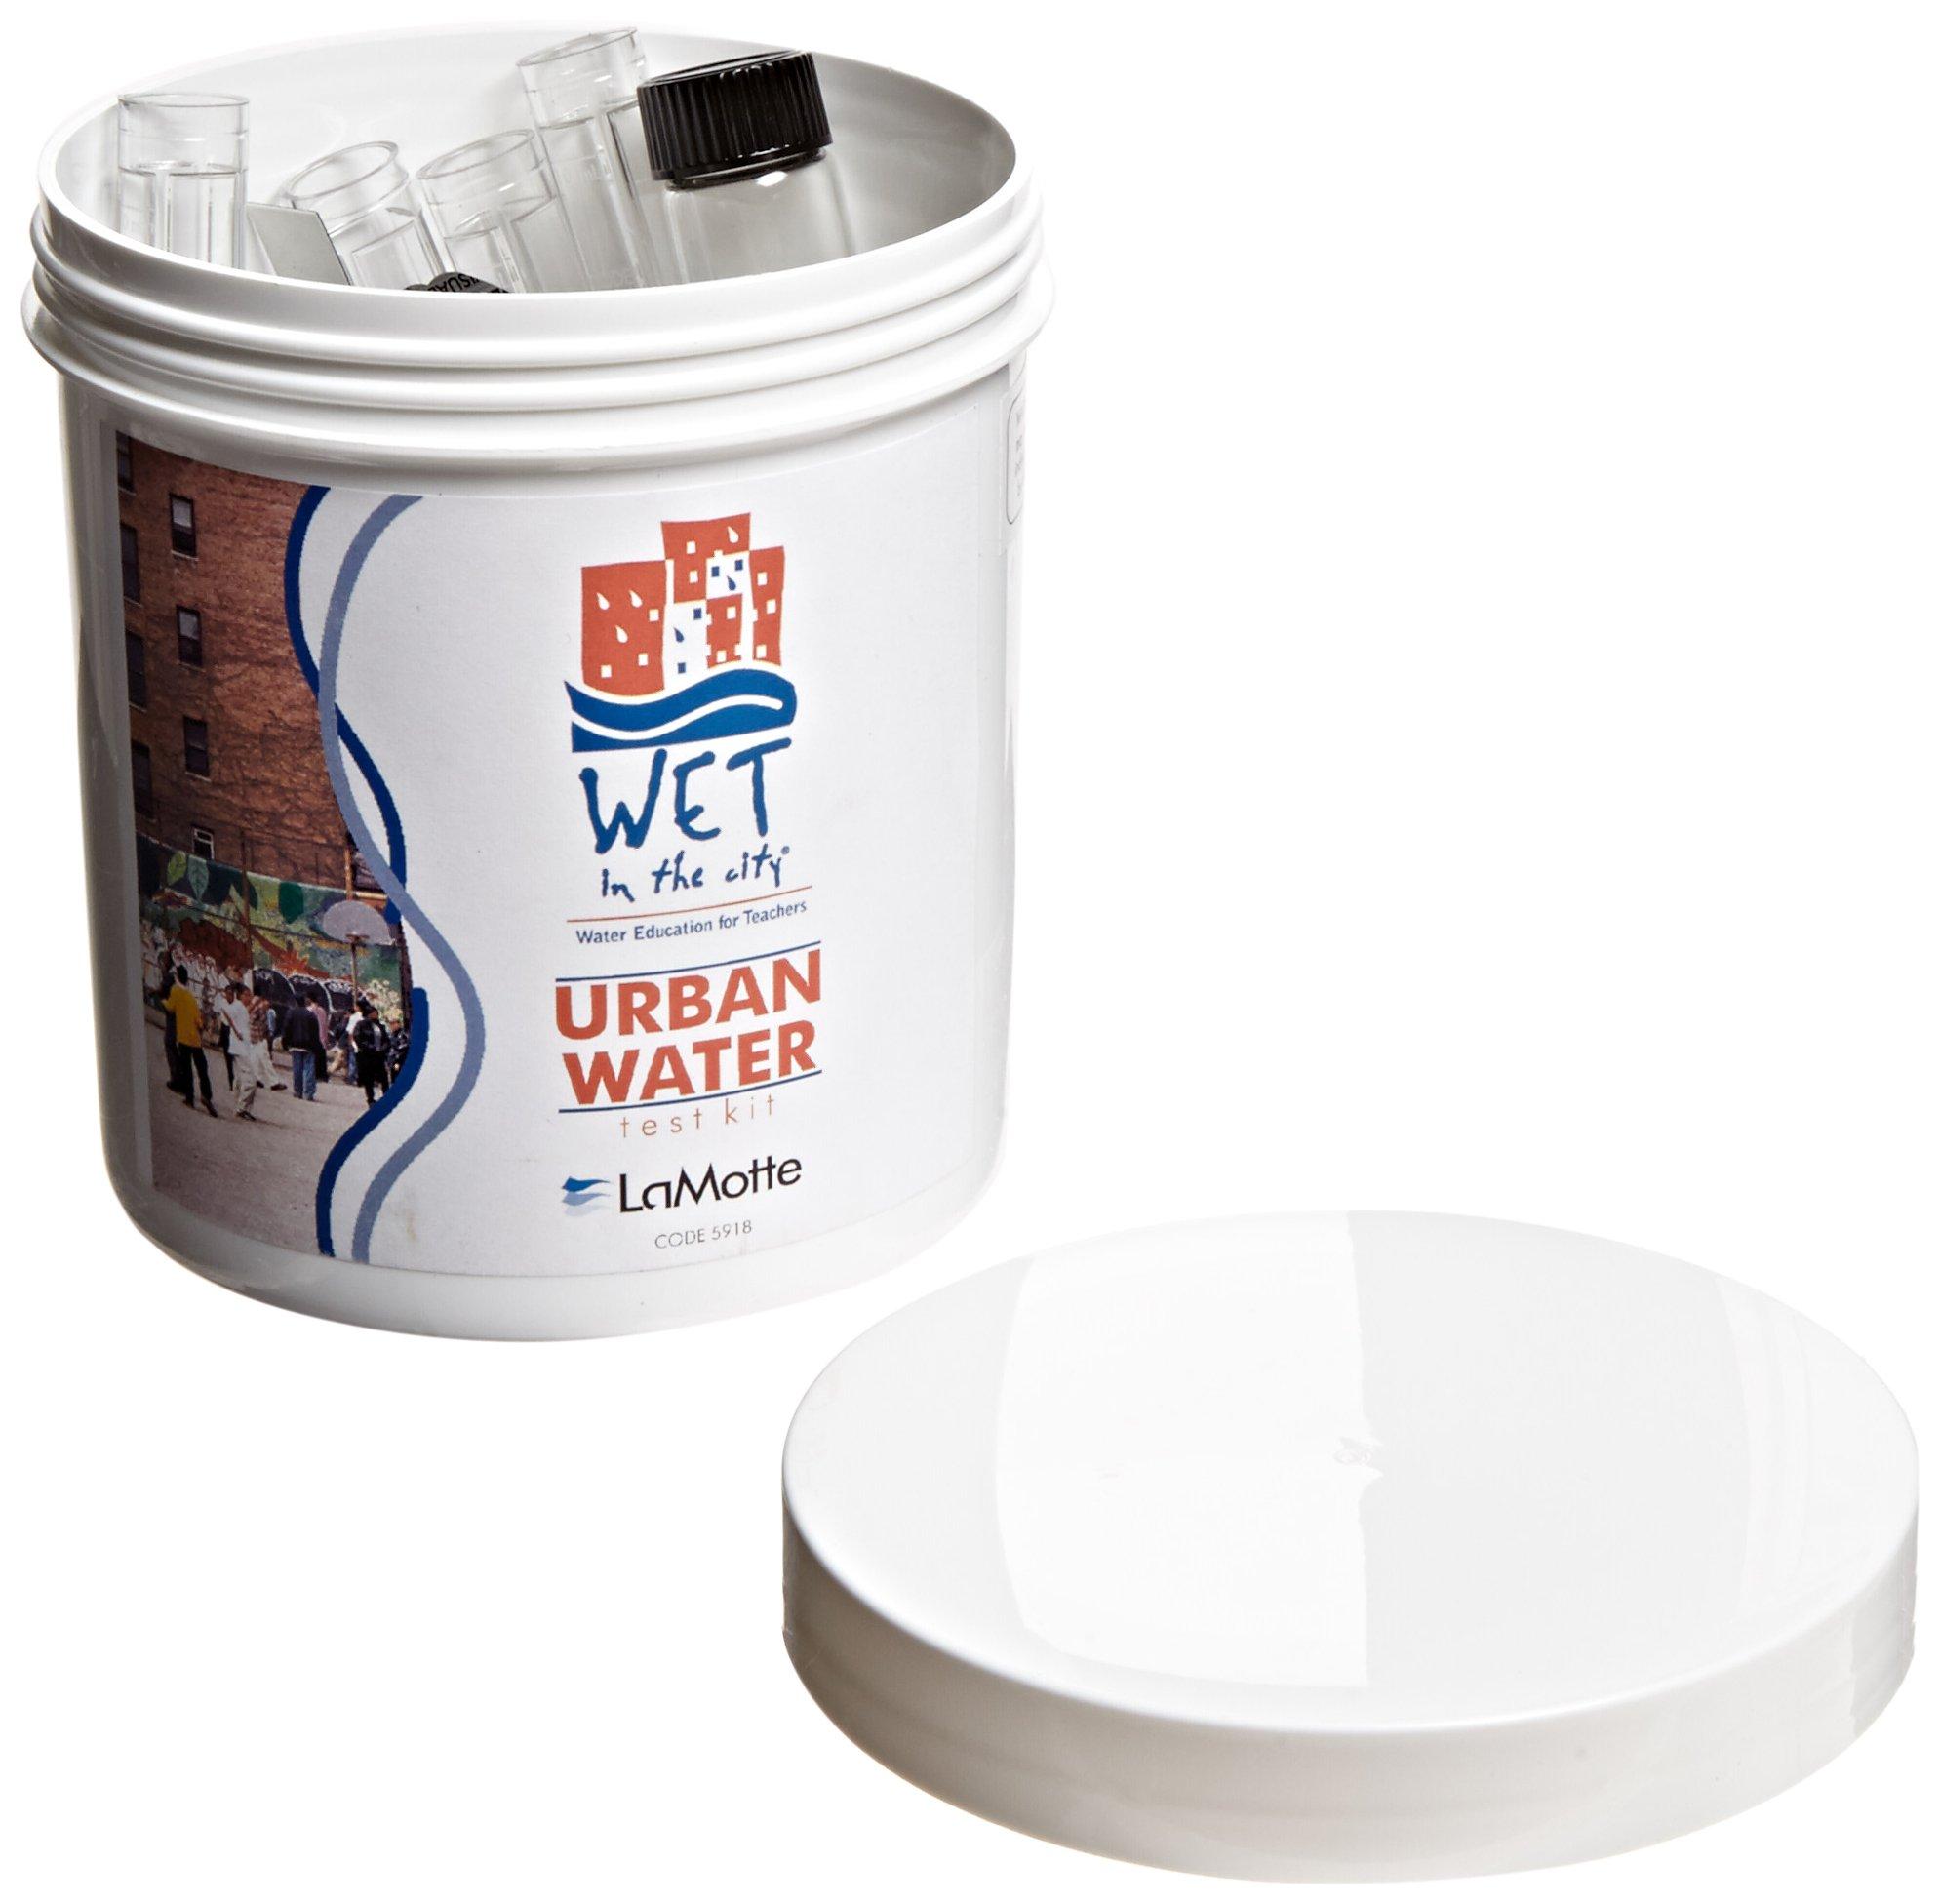 LaMotte 5918 Urban Water Quality Test Kit